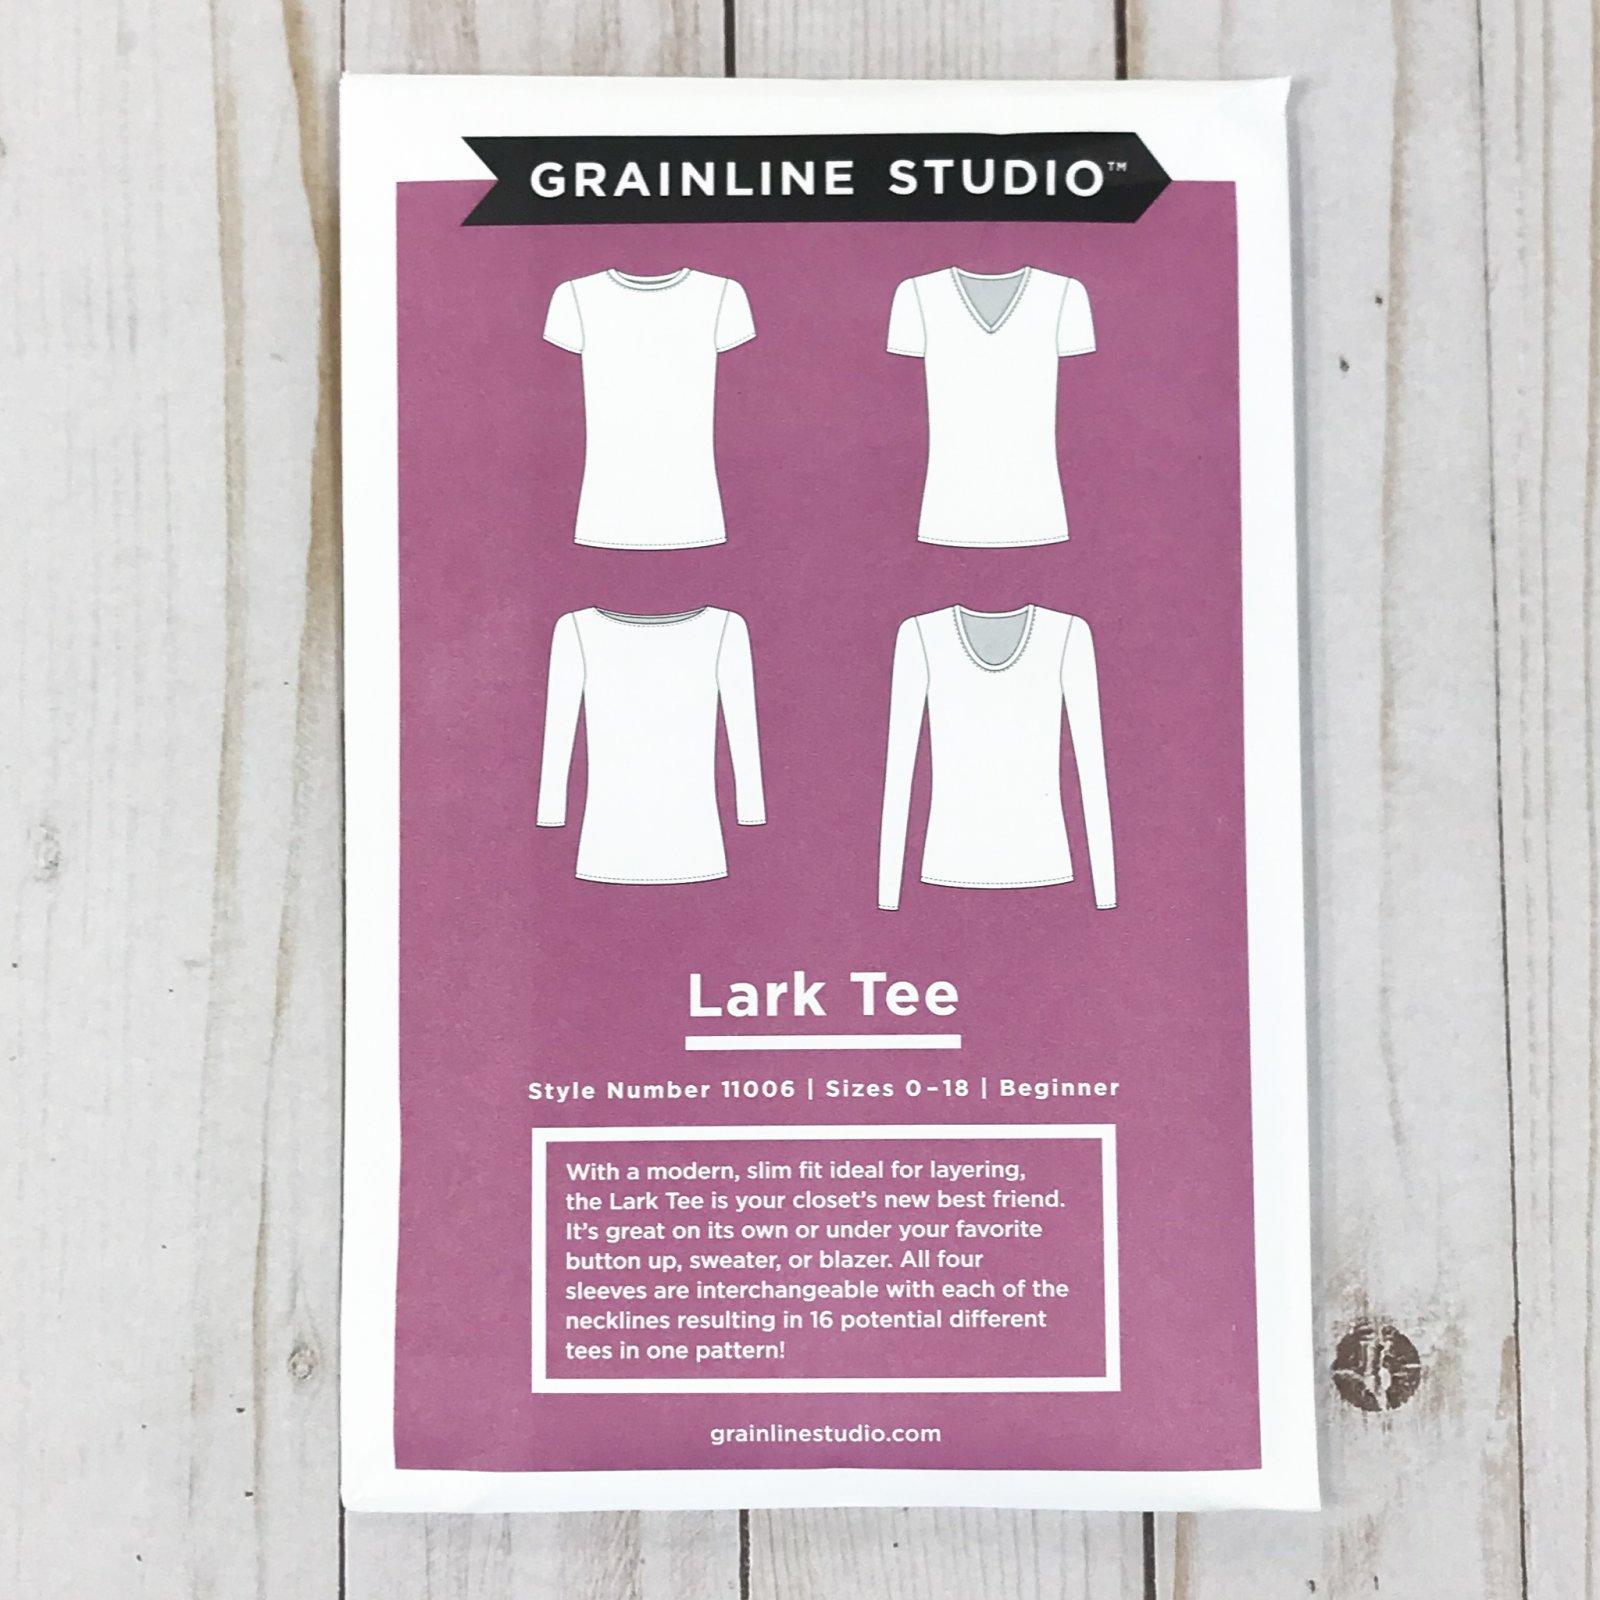 Grainline Studios - Lark Tee